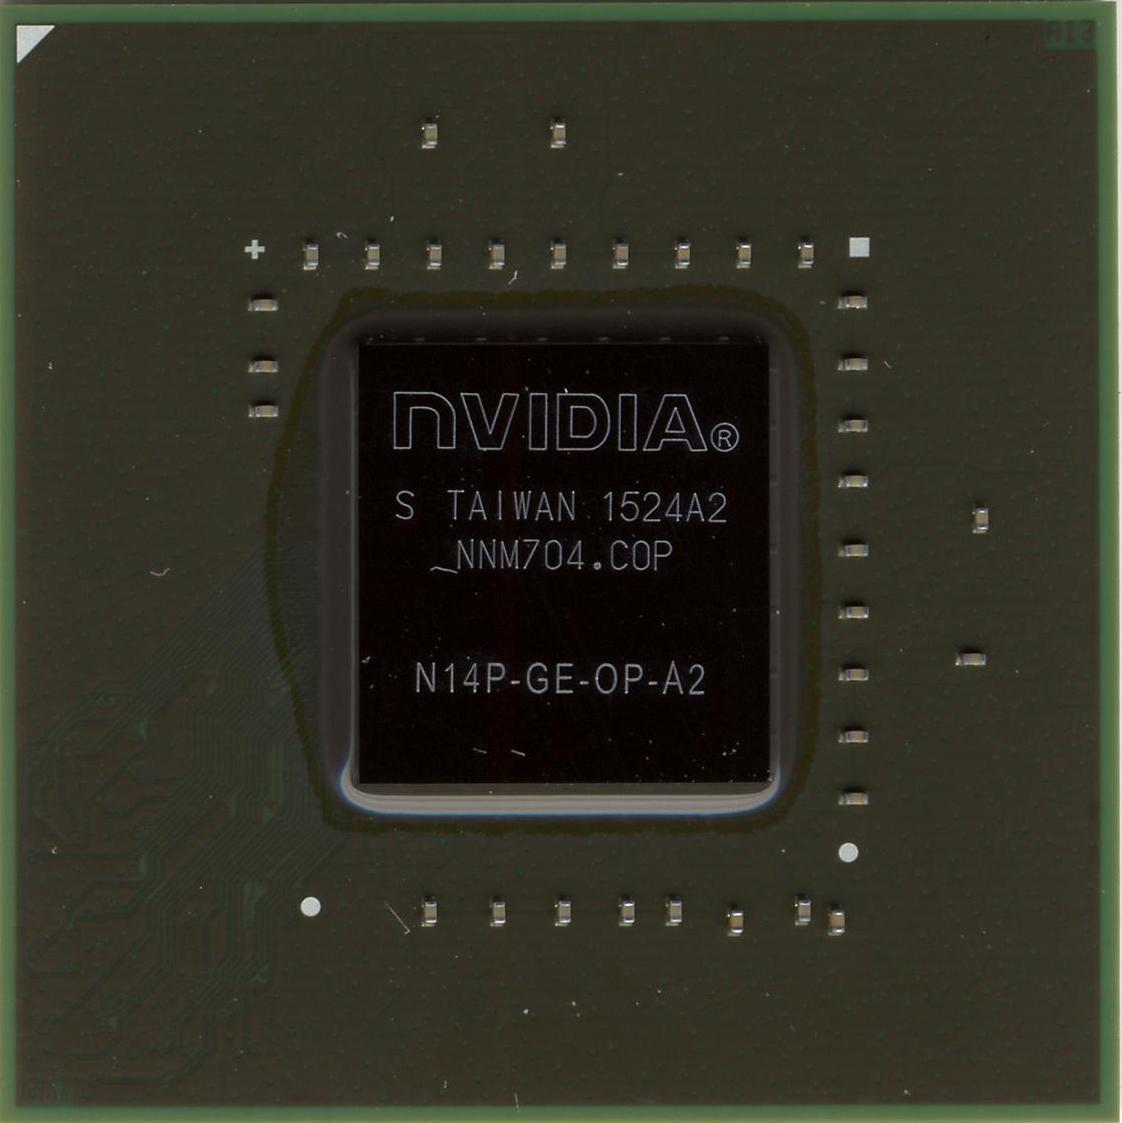 N14P-GE-OP-A2